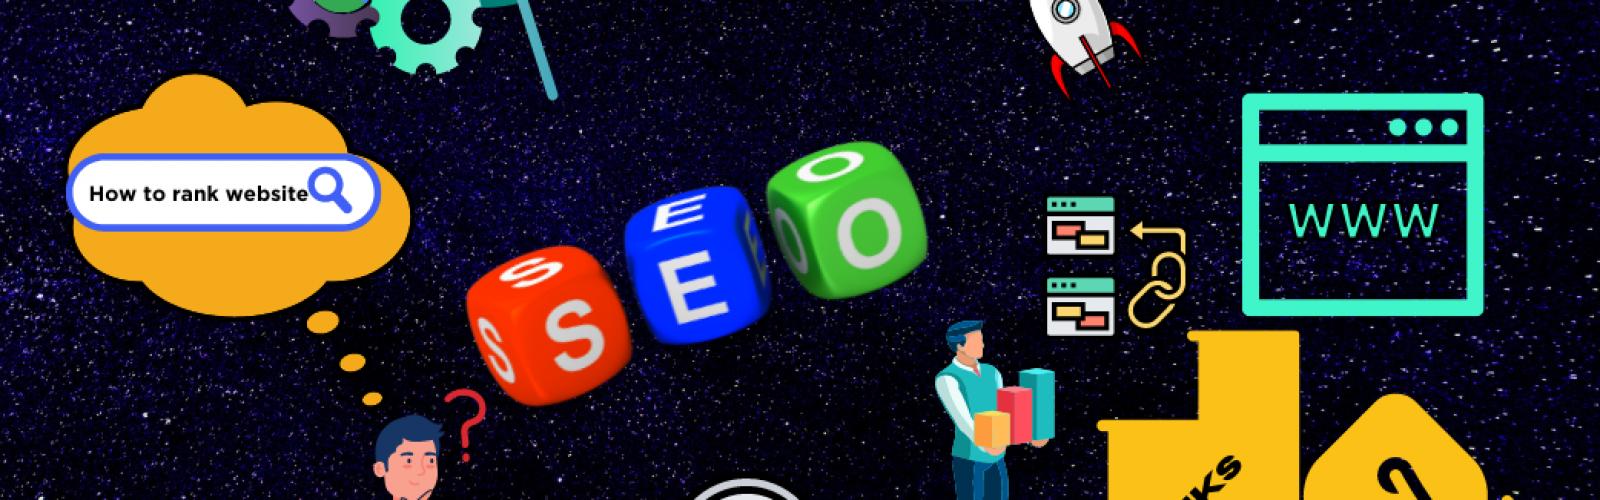 Ecrestsoft-Digital-Markaeting-Services